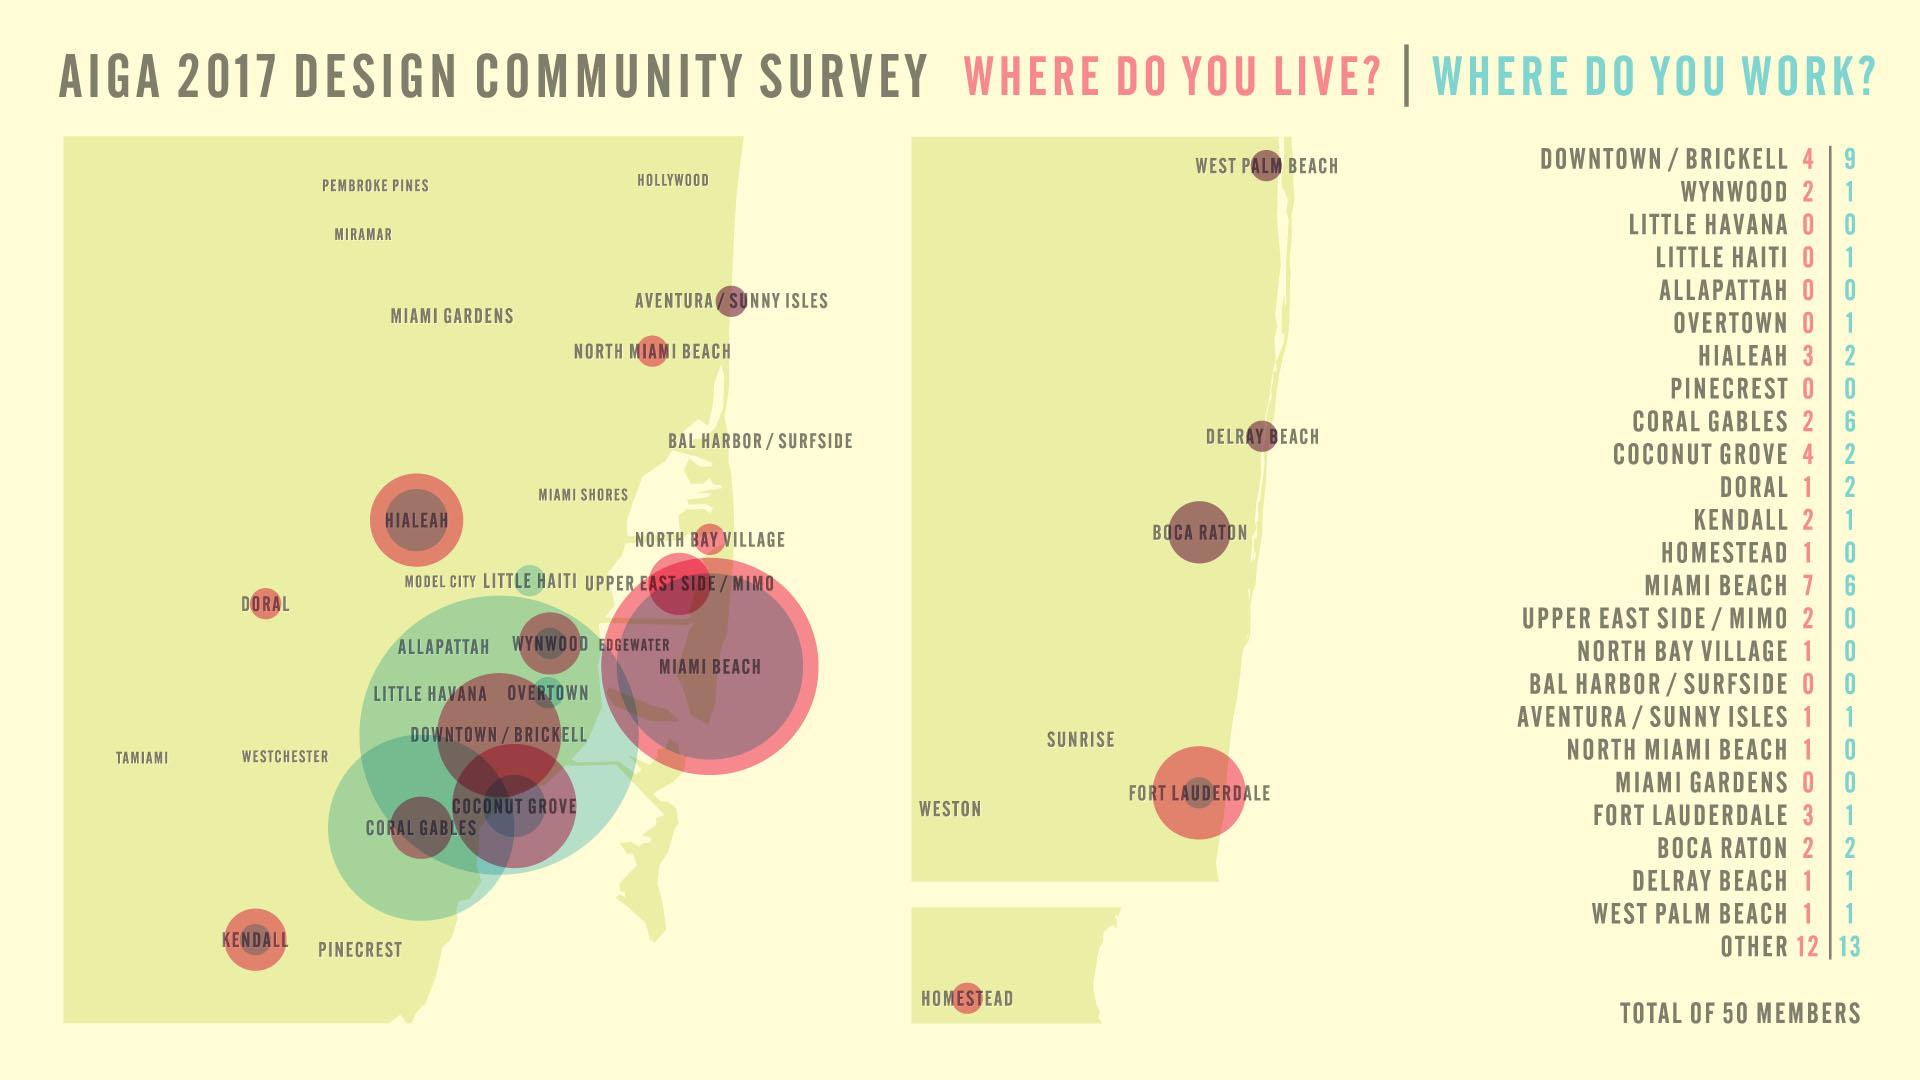 Where do you live? Where do you work? Infographic by Fabio Perez